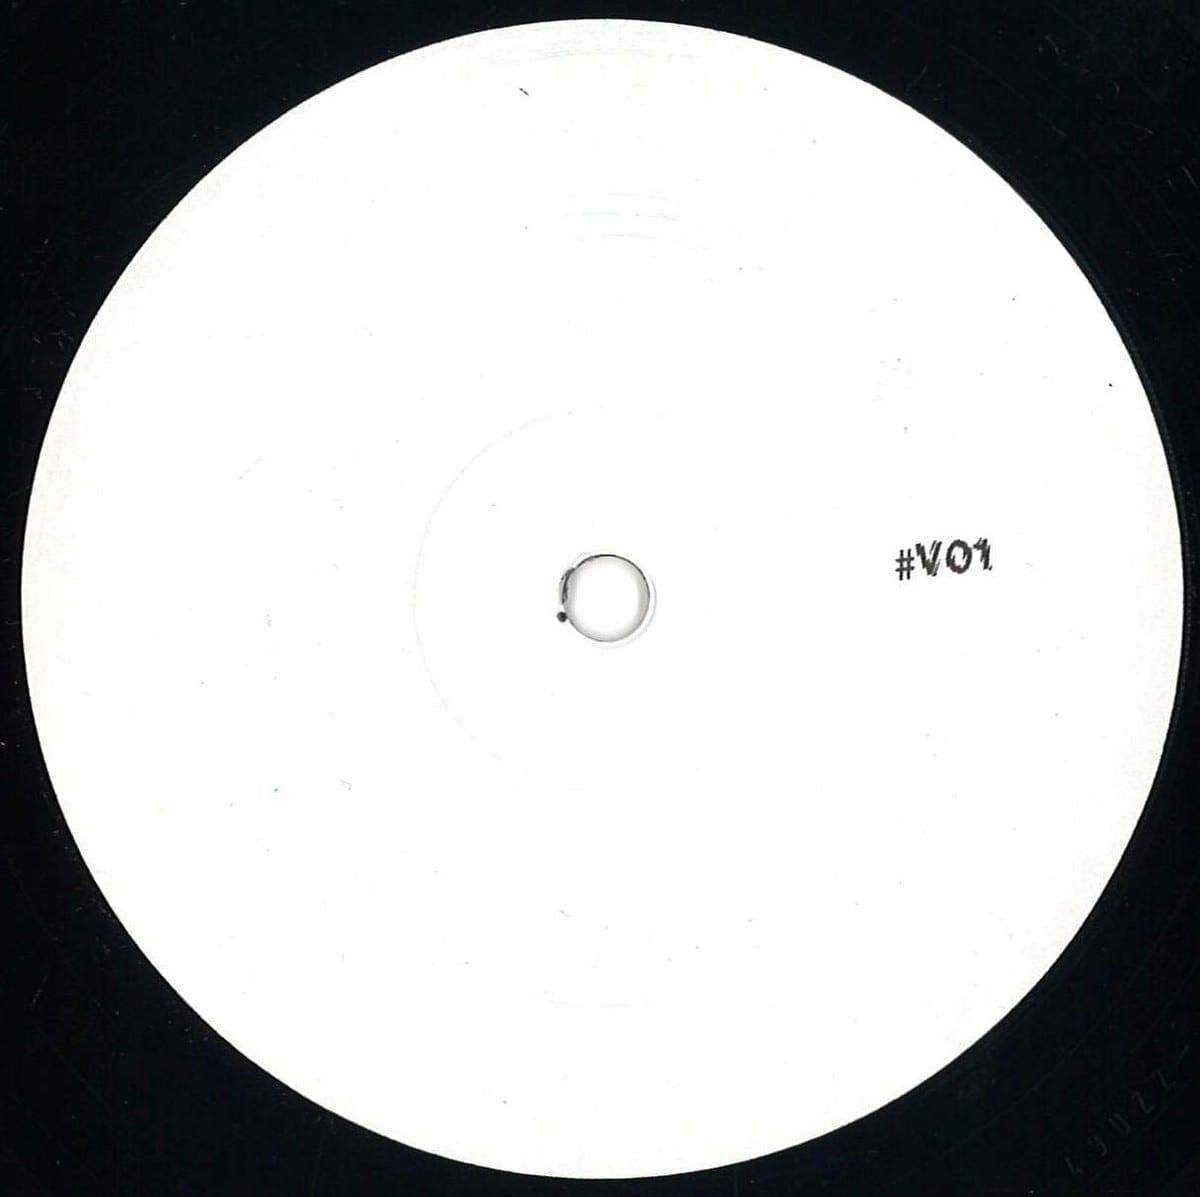 andu simion, sacke - insound v01 wax